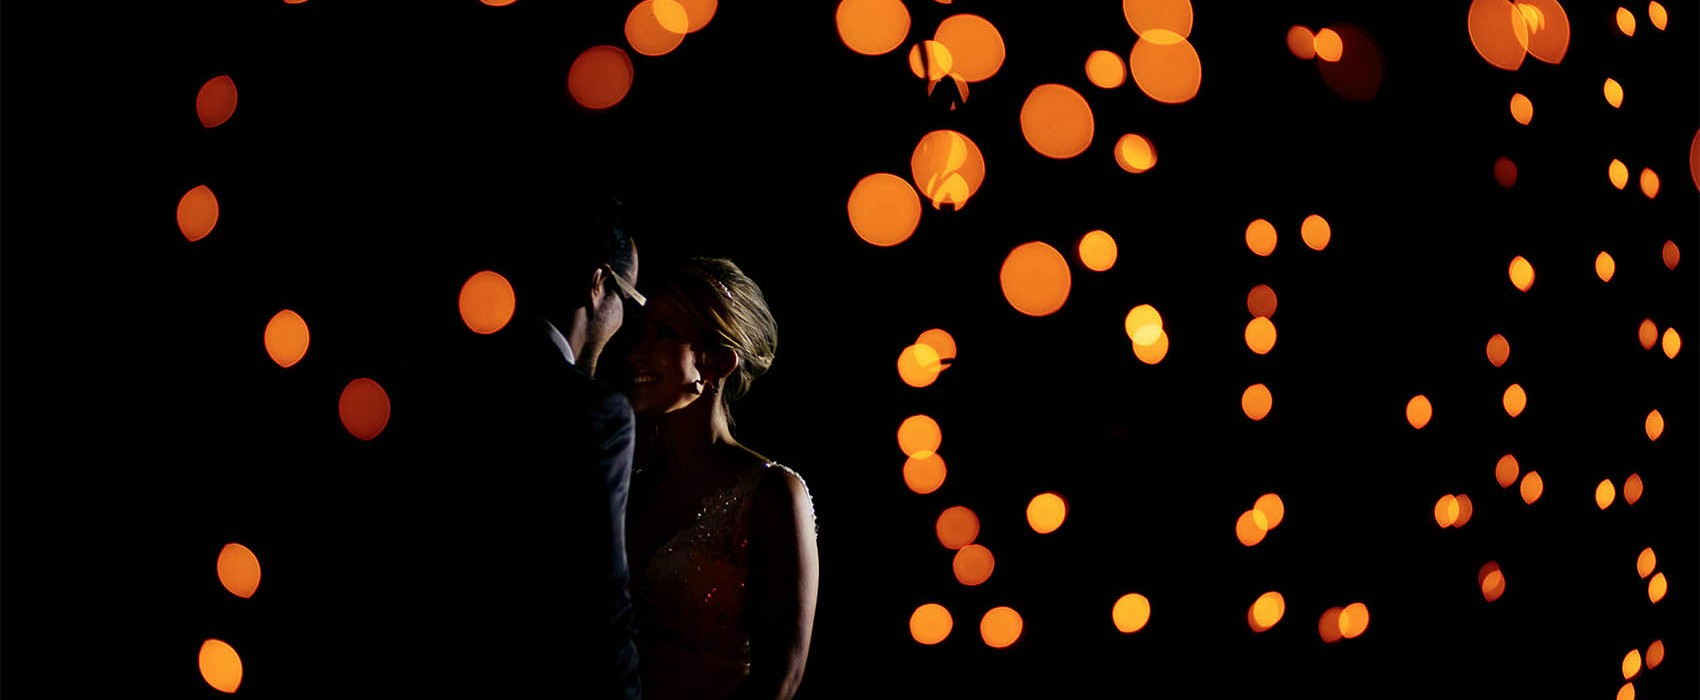 Fotografia artística de casamento com os noivos